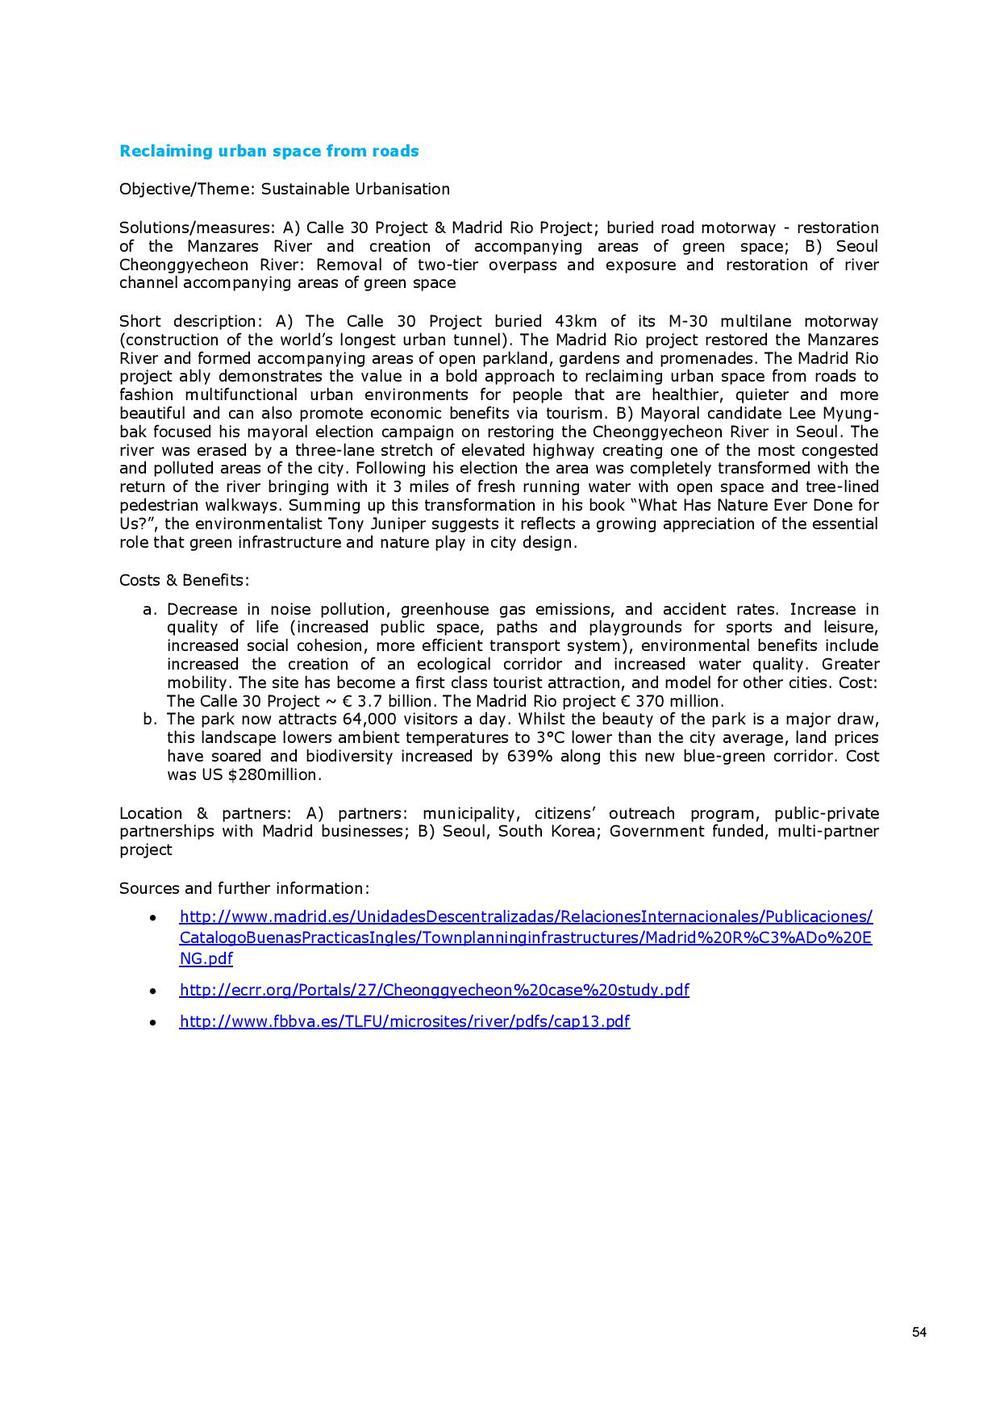 DG RTD_WEB-Publication A4_NBS_long_version_20150310-page-056.jpg